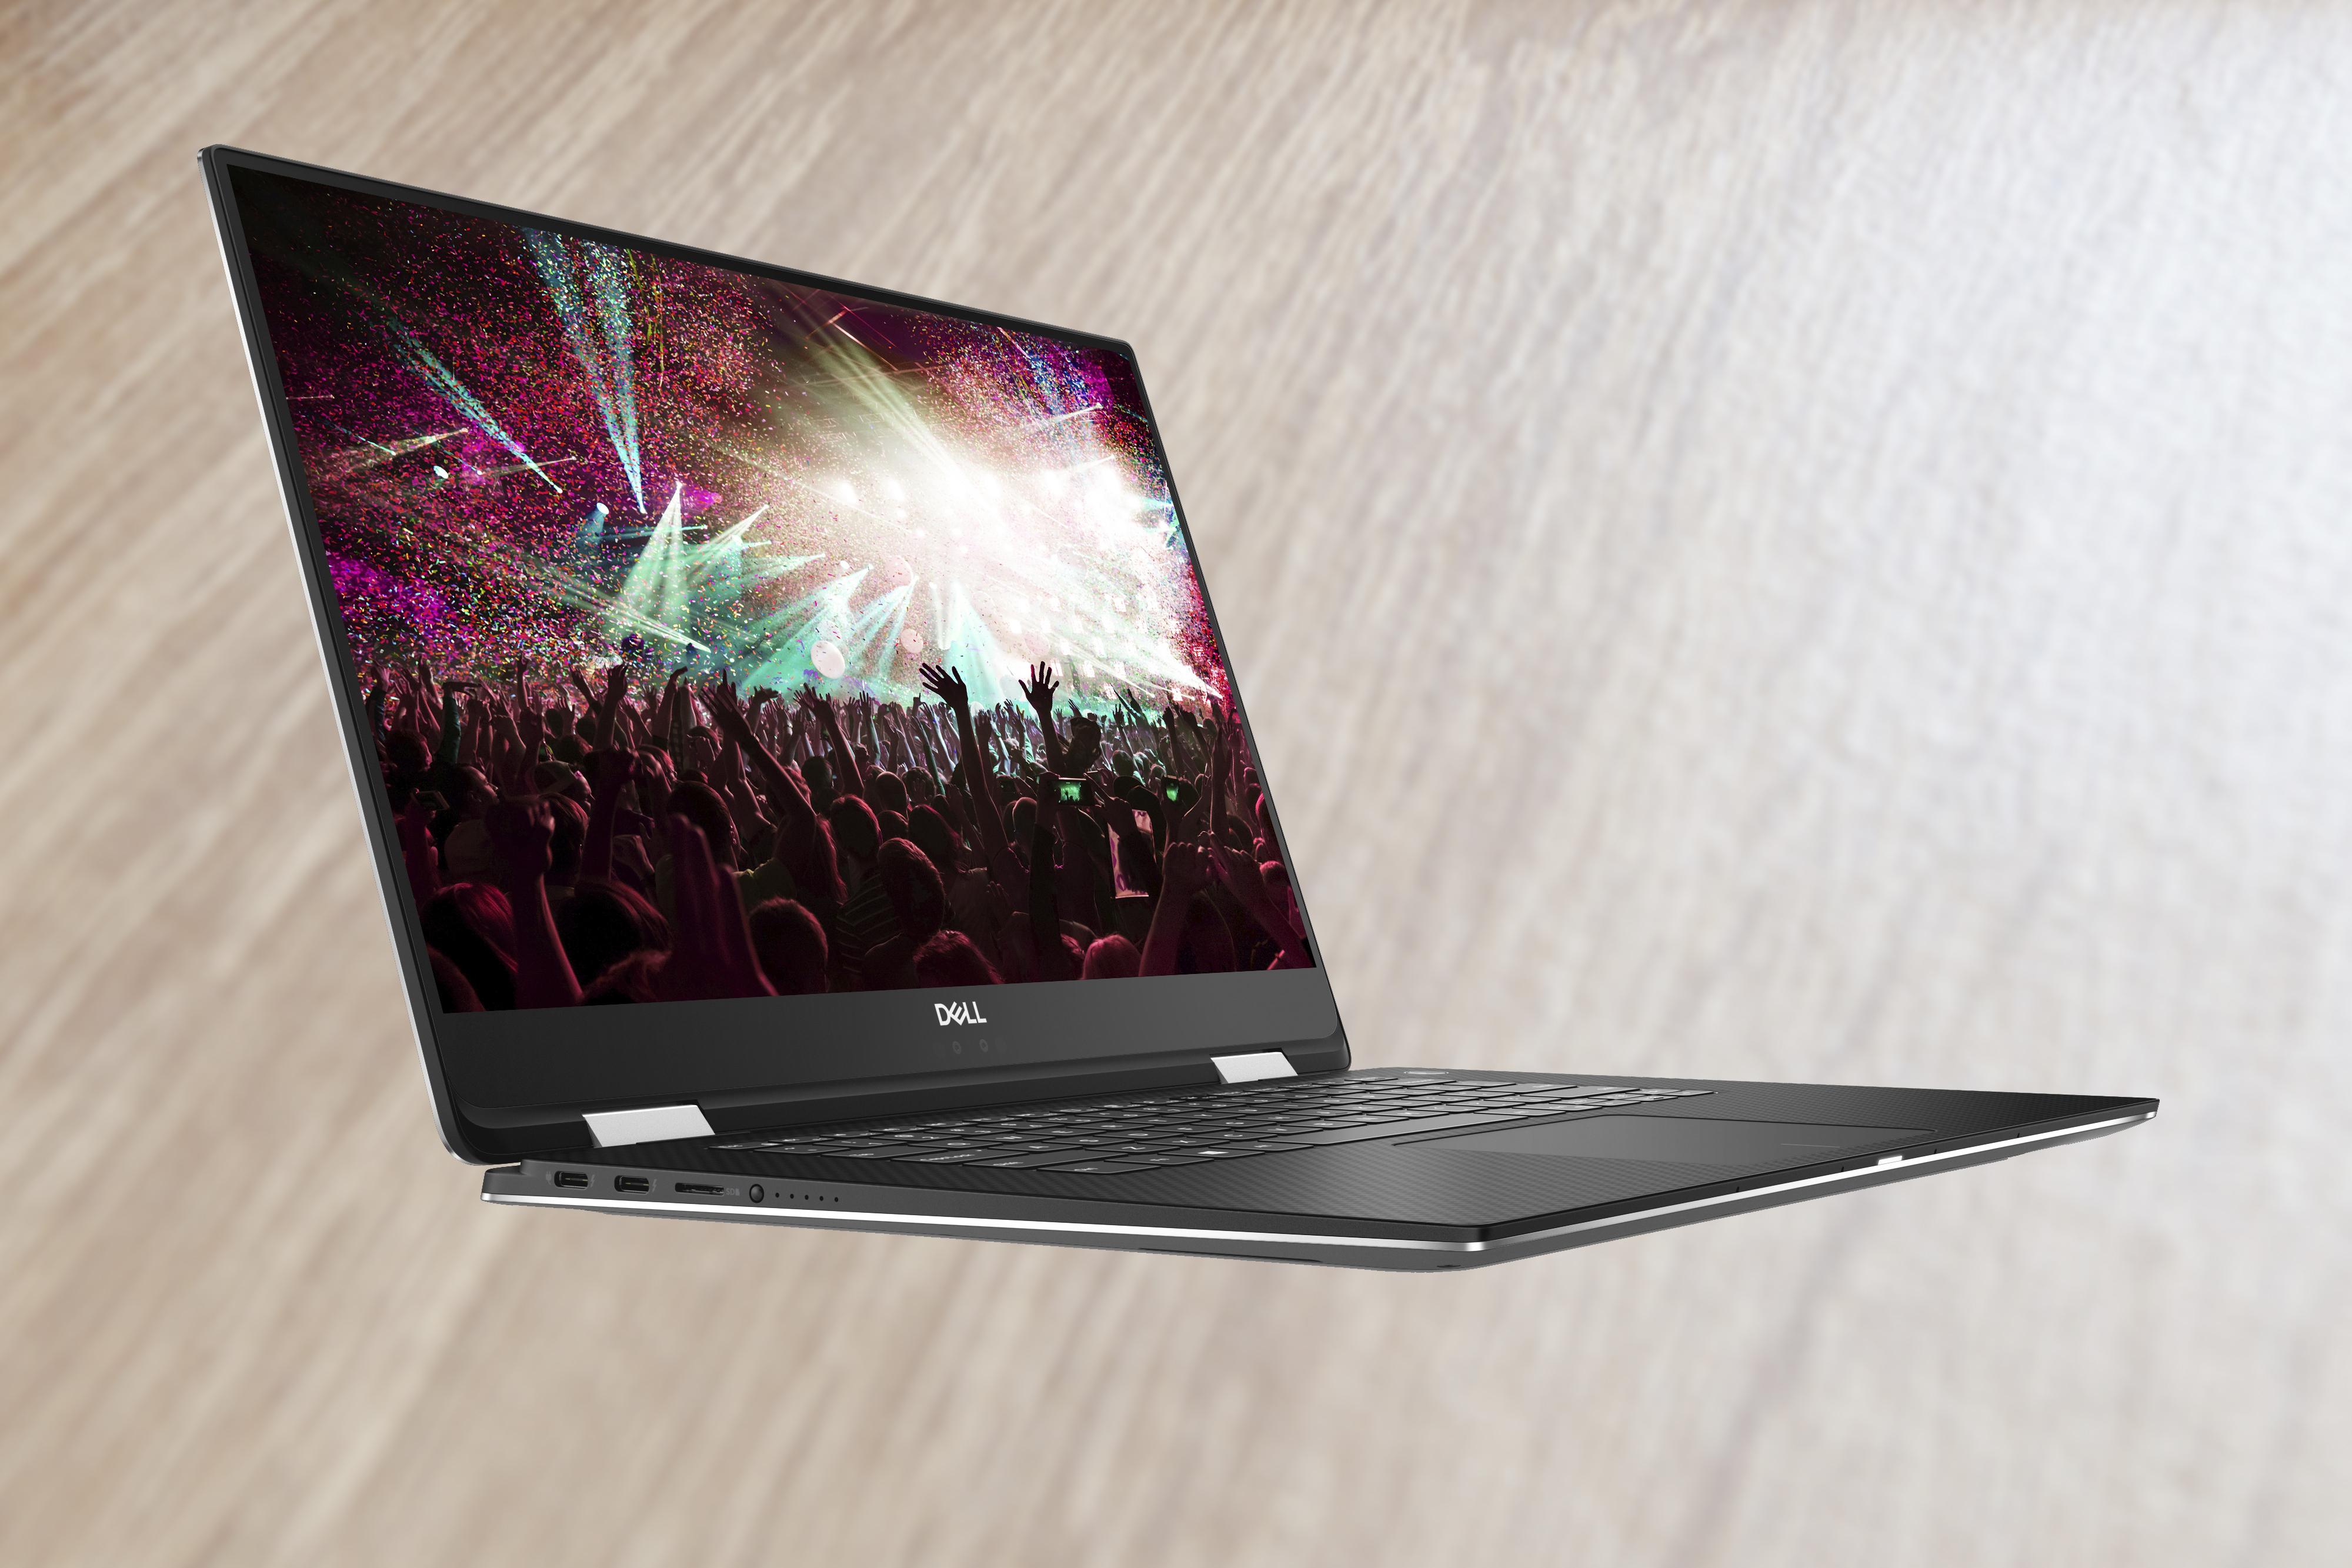 Kết quả hình ảnh cho Dell XPS 13 (2018) vs XPS 15 (2-in-1)